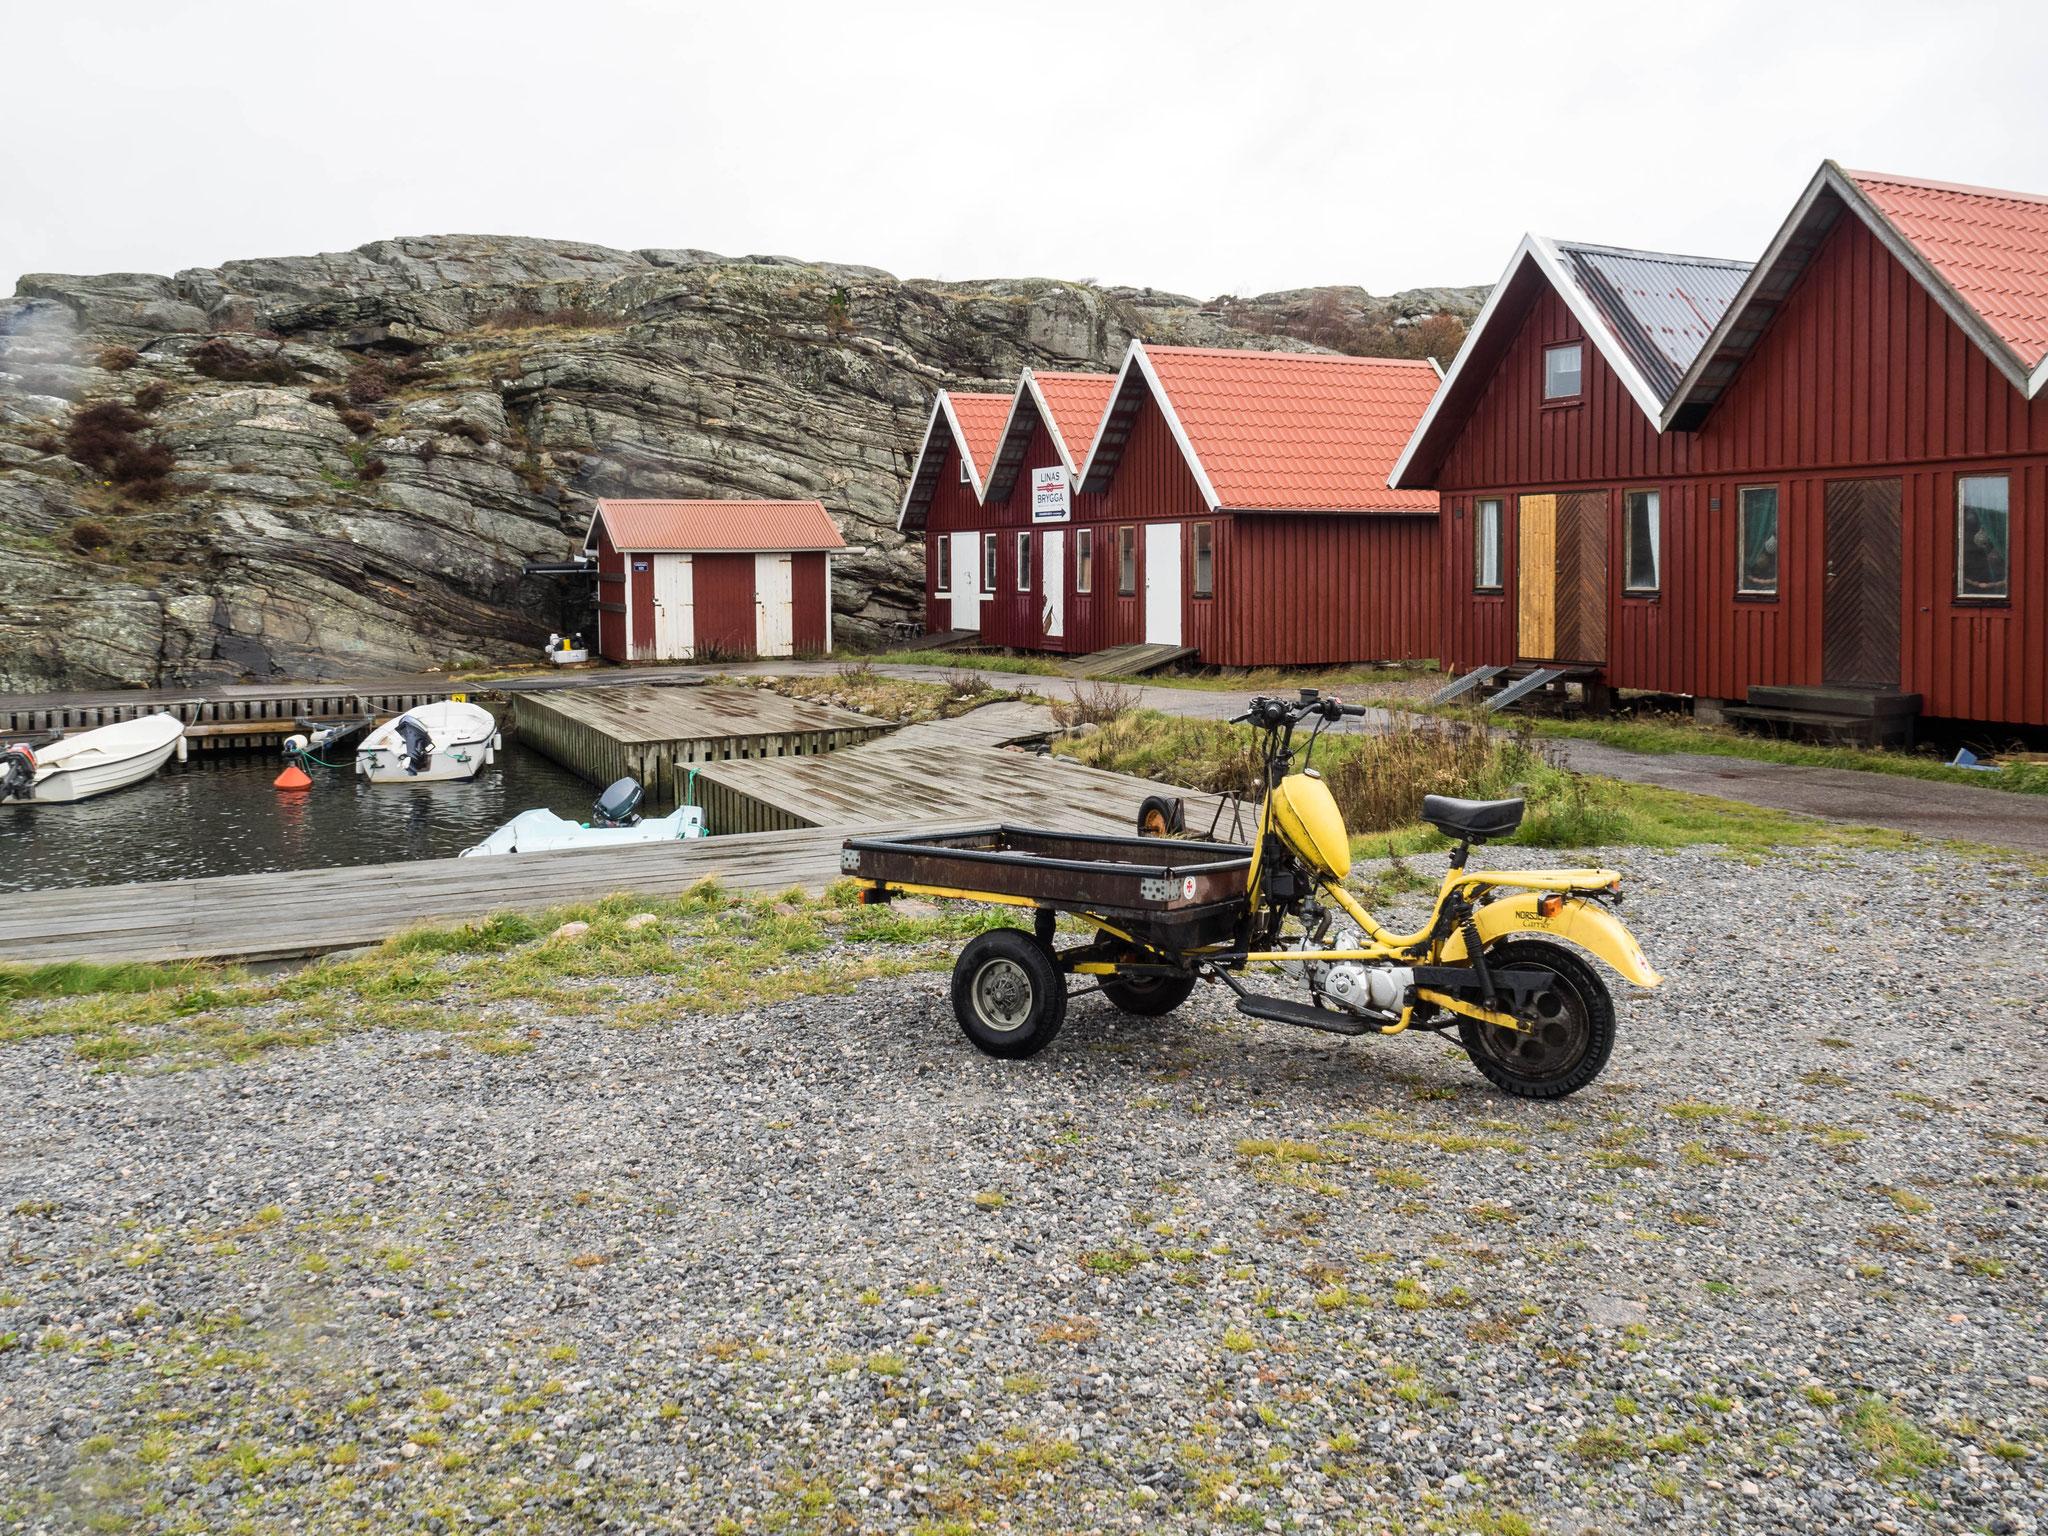 Lasttaxi auf der autofreien Insel